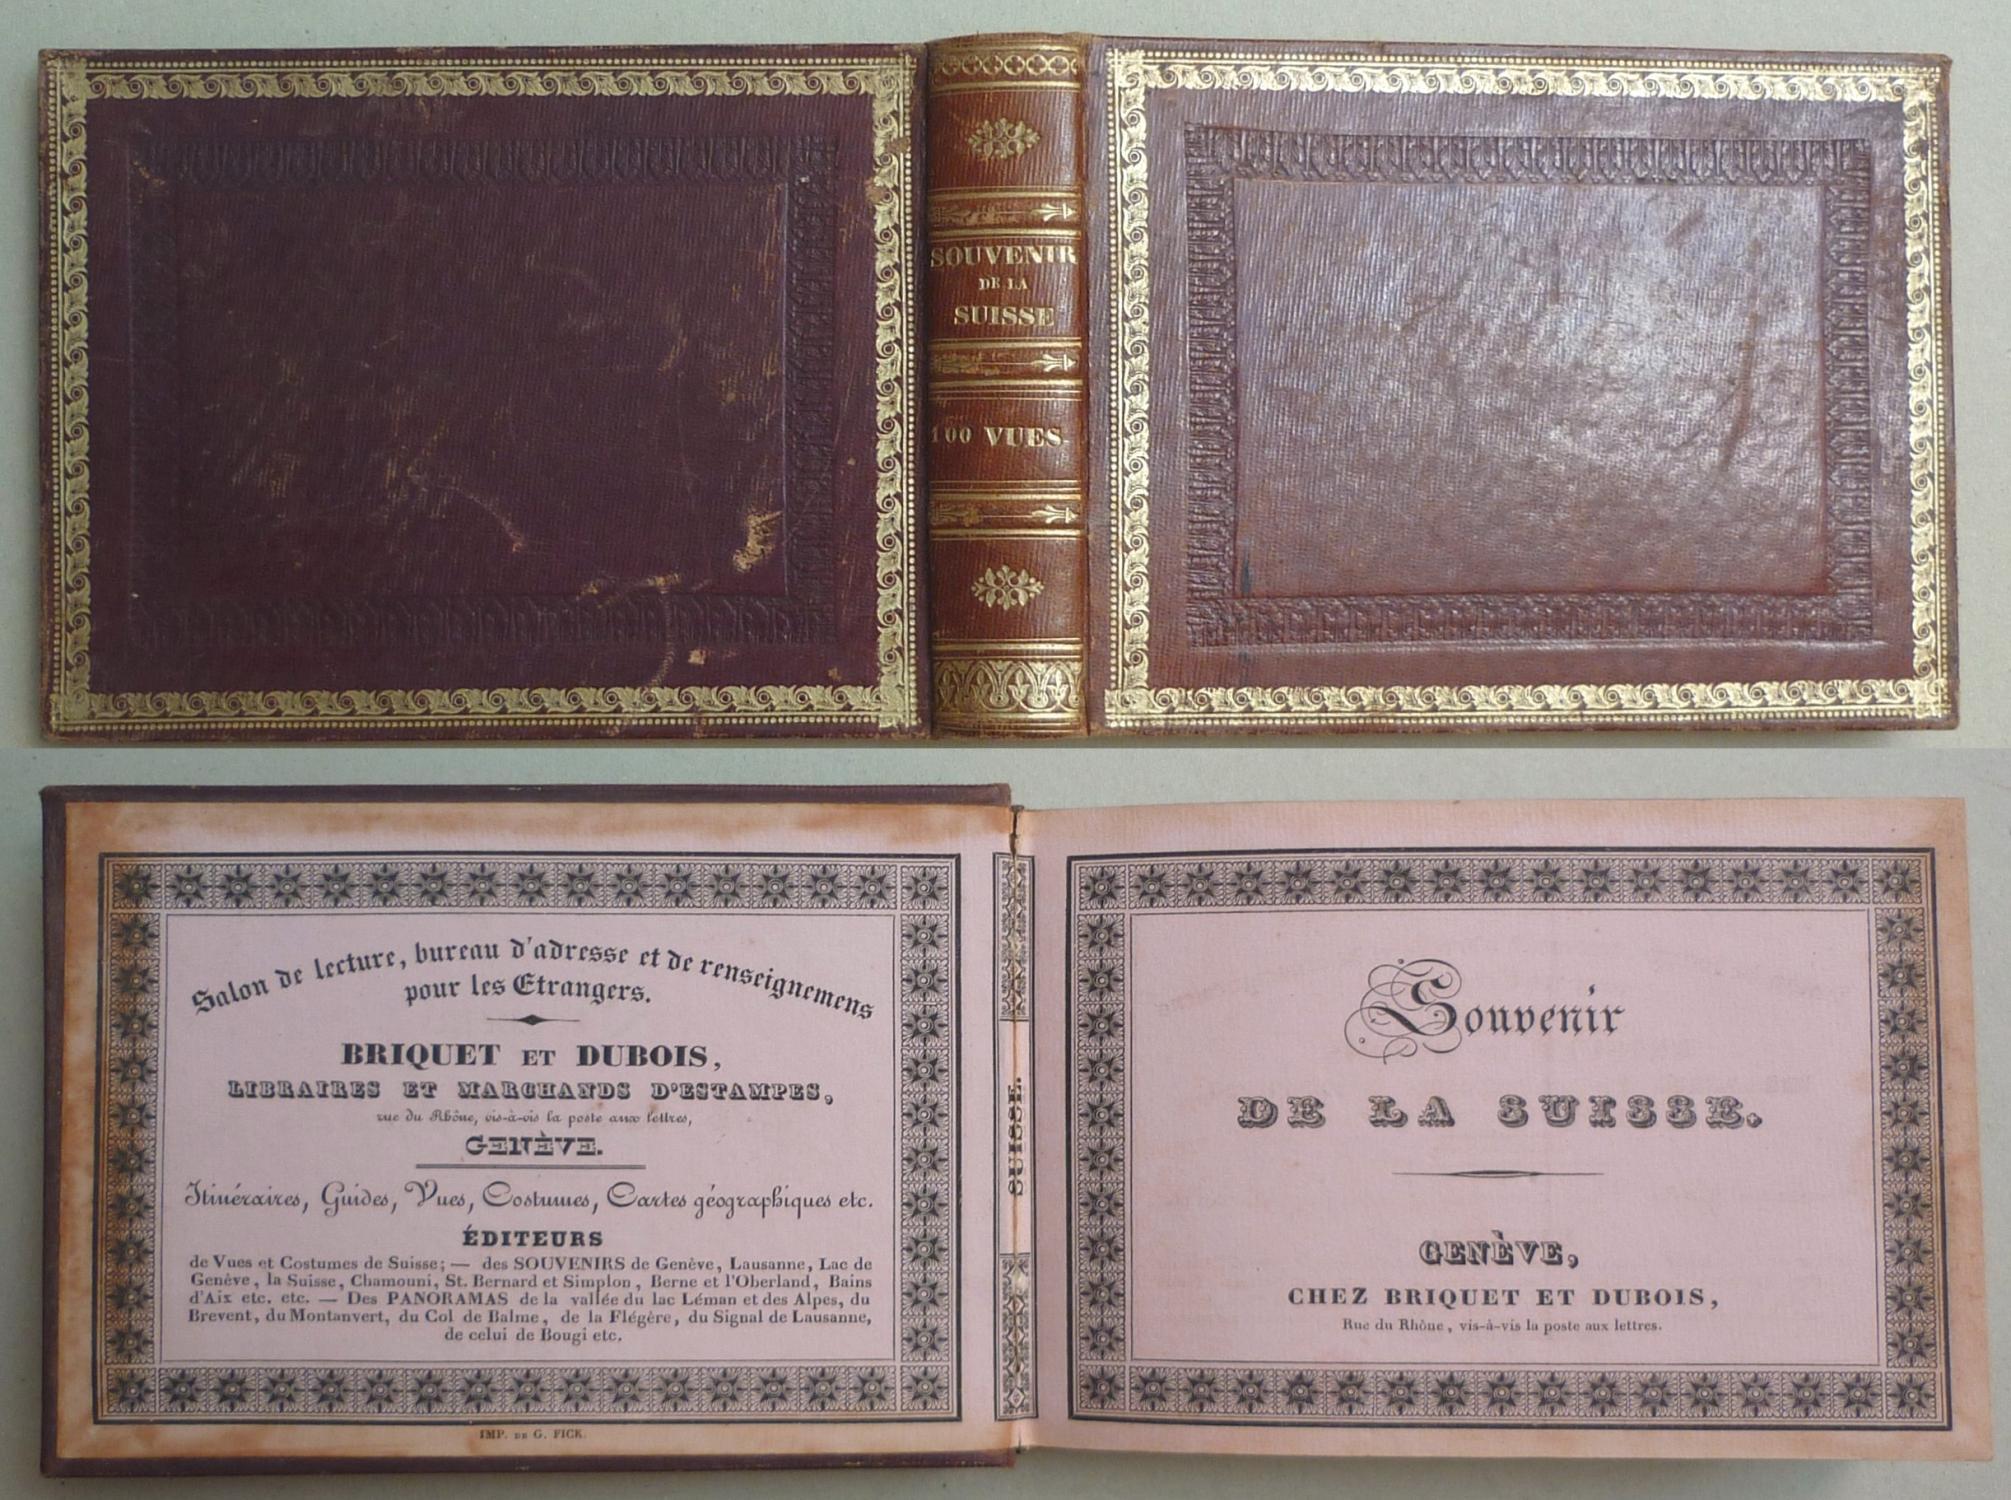 Vialibri ~ rare books from 1840 page 12